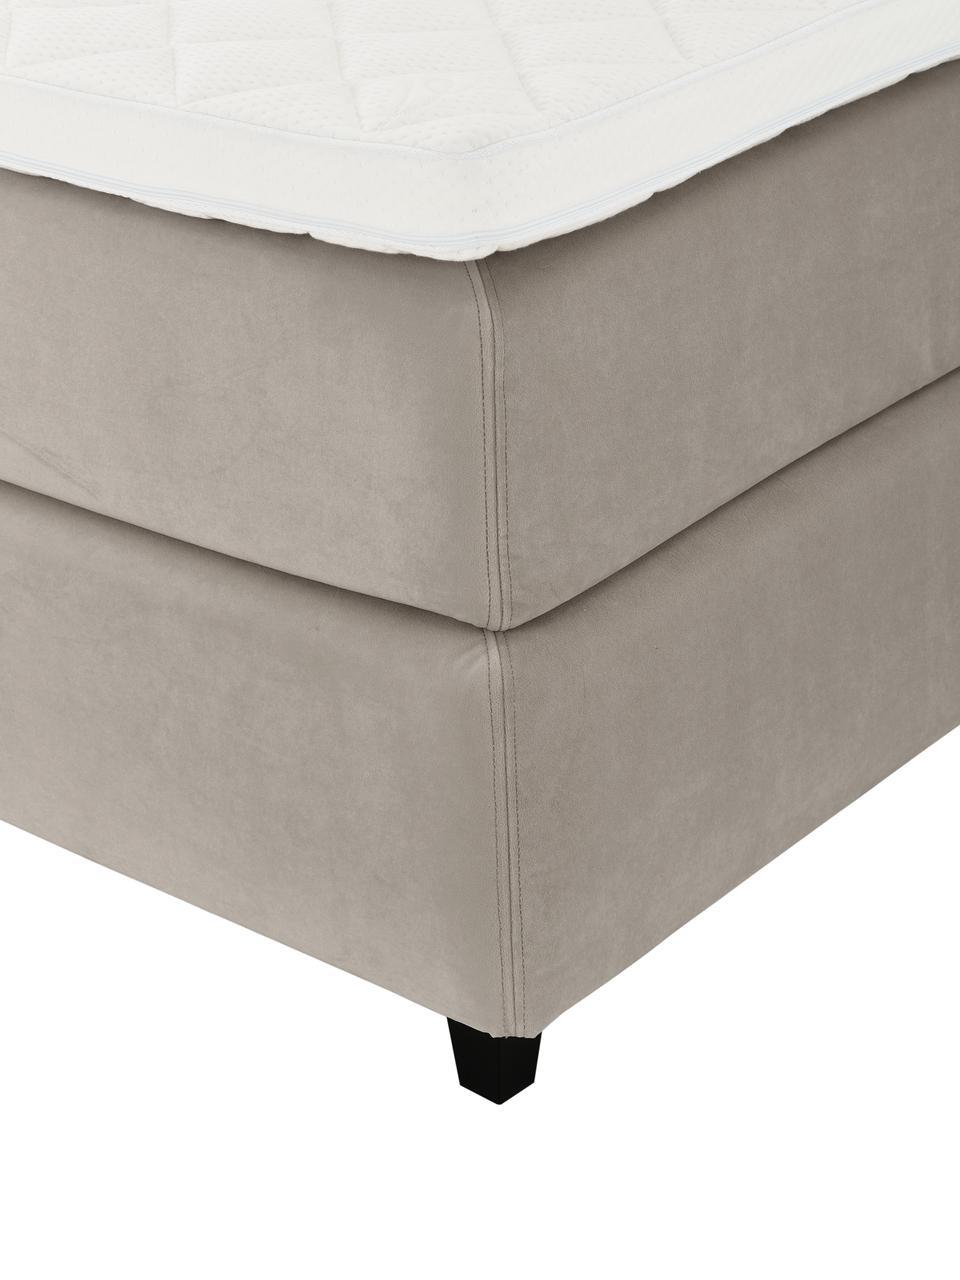 Letto Boxspring in velluto color taupe con contenitore Premium Phoebe, Materasso: nucleo a 5 zone di molle , Piedini: legno massiccio di betull, Velluto beige, 200 x 200 cm